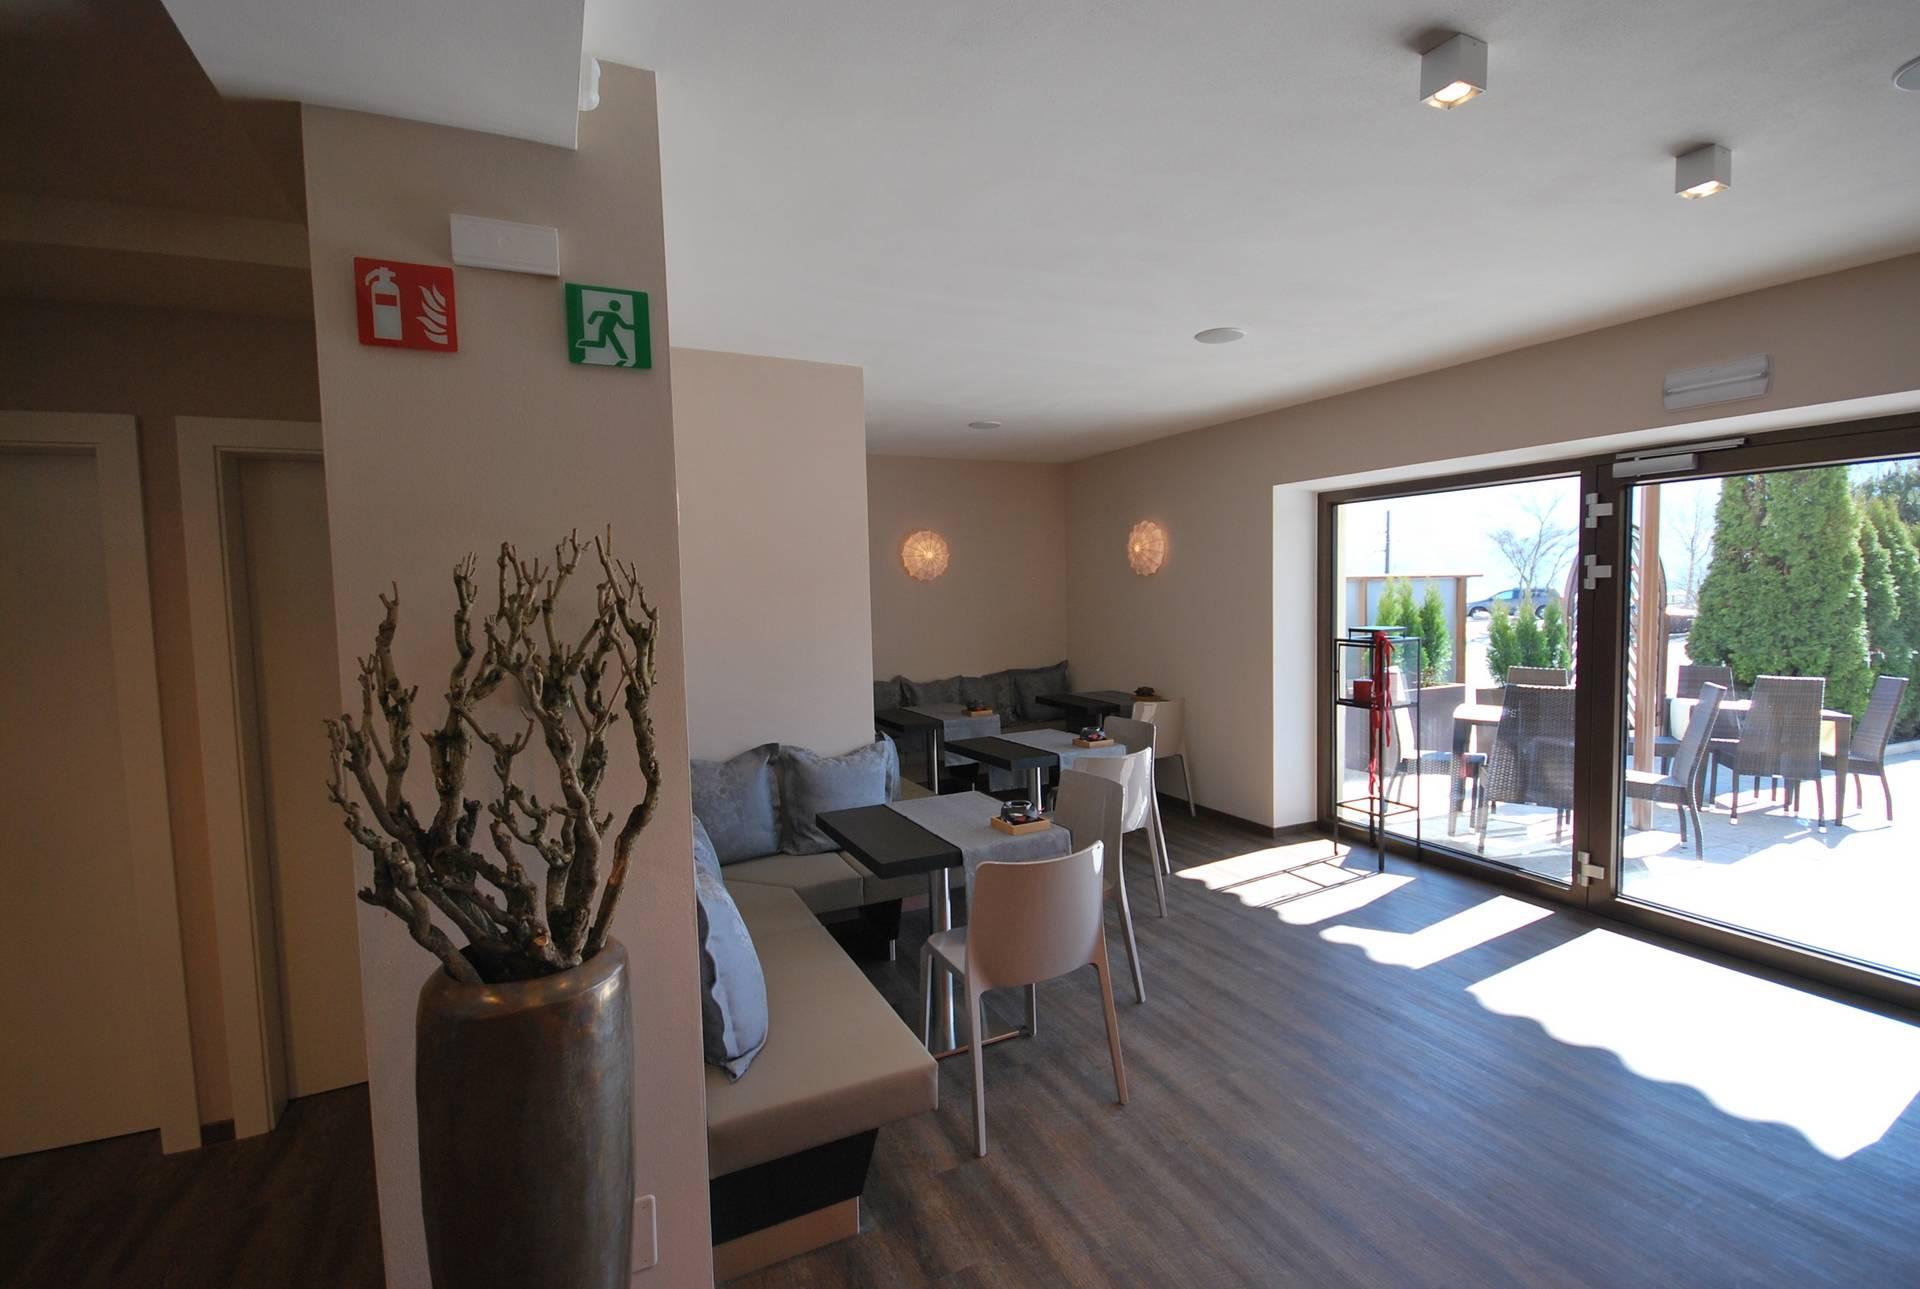 pizzeria ladurn selectiv ihr m bel und einrichtungshaus in bruneck s dtirol. Black Bedroom Furniture Sets. Home Design Ideas